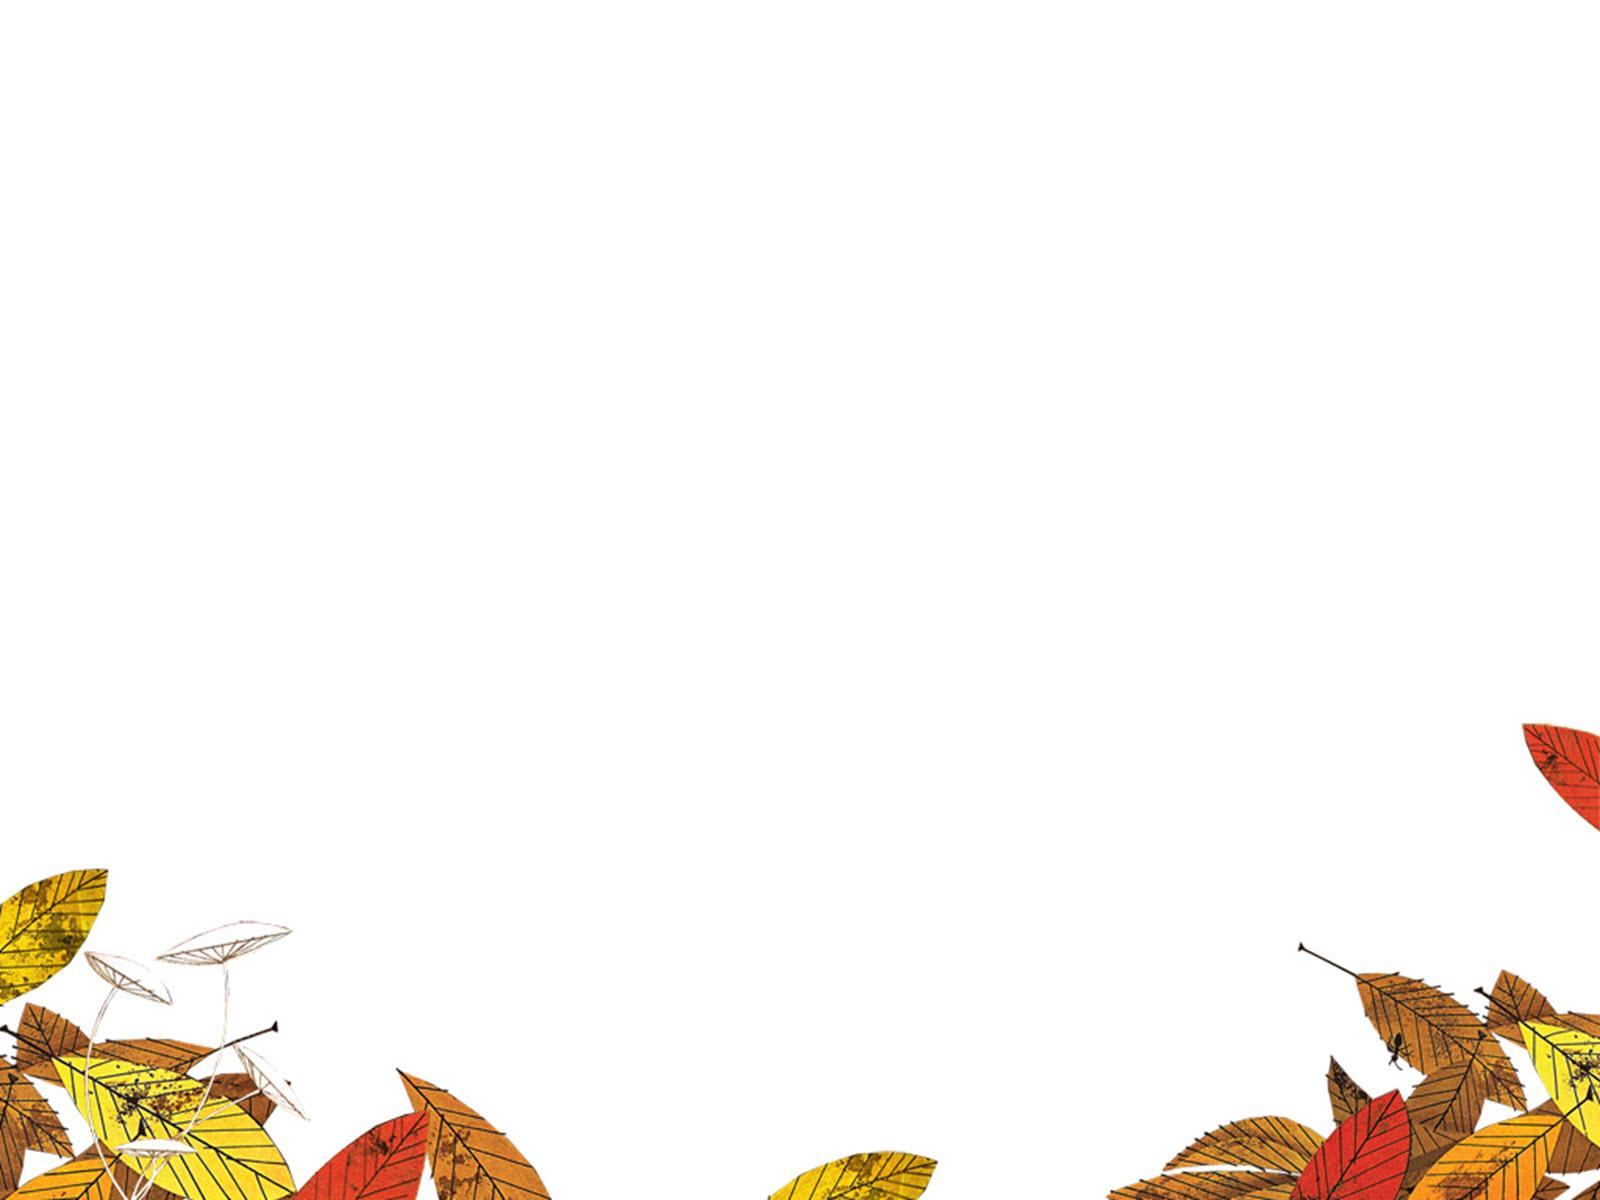 Hình nền PowerPoint với những chiếc lá mùa thu